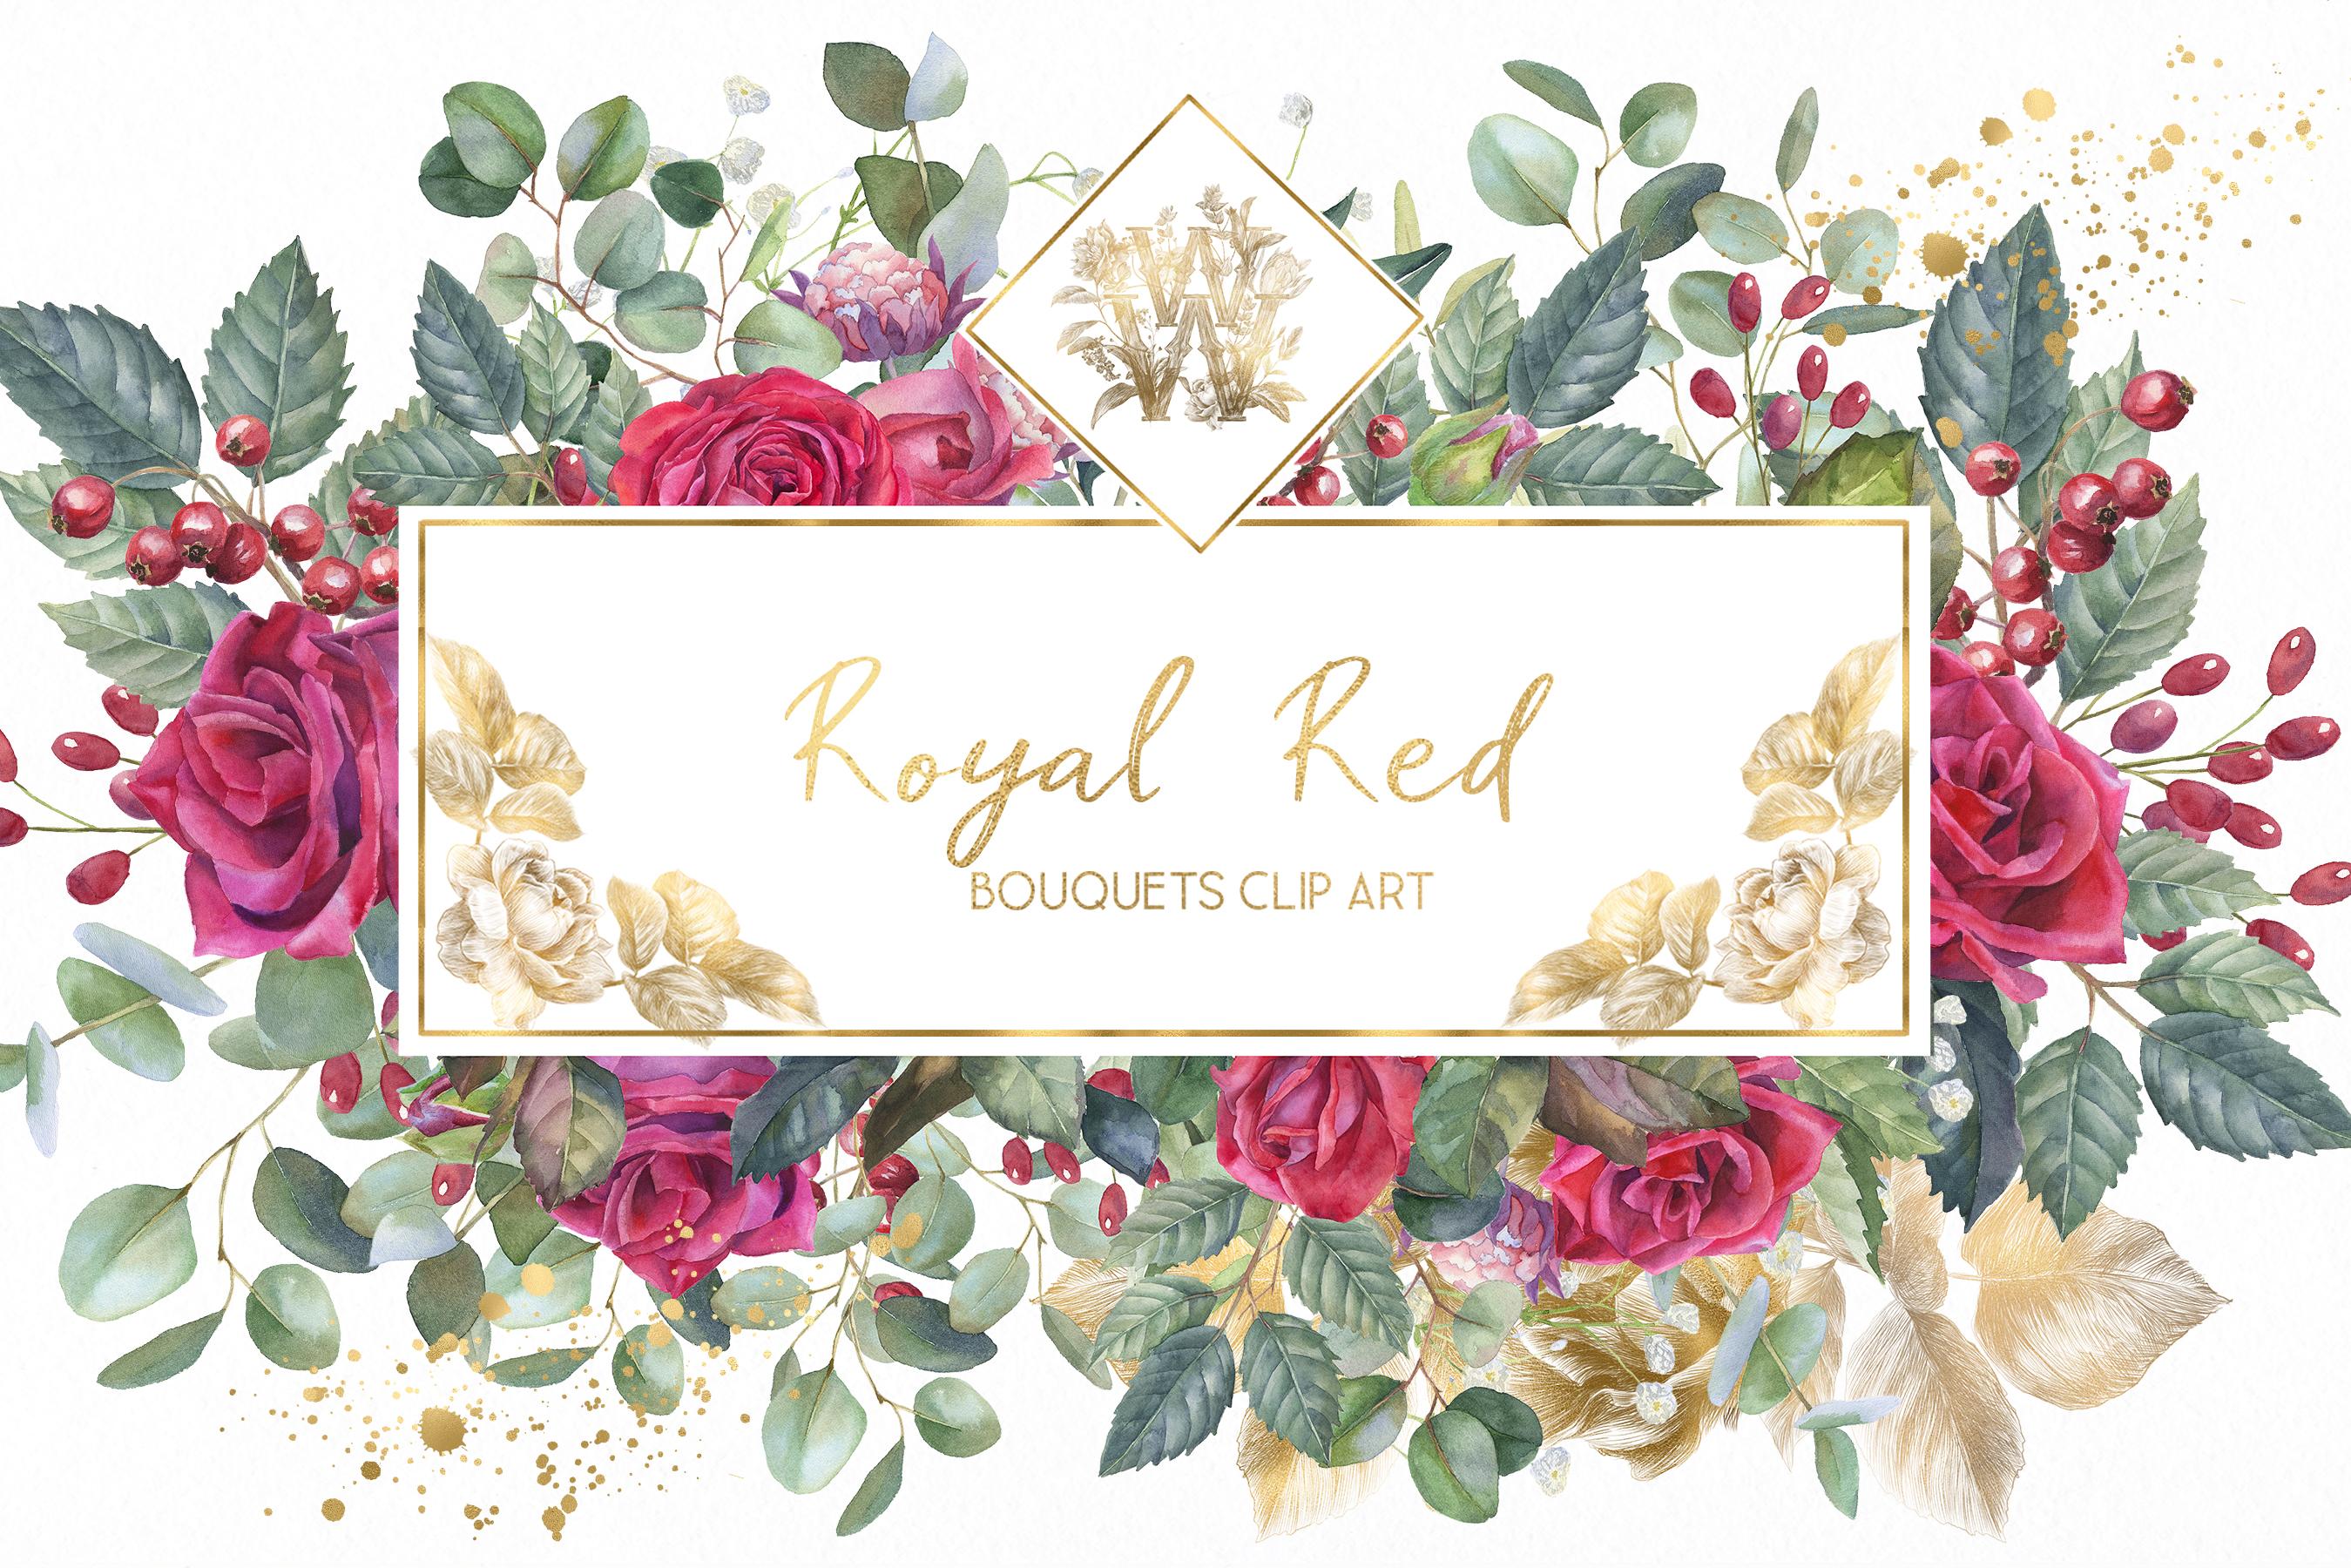 Rose floral border clipart svg transparent stock Marsala red rose floral border clip art, wedding Watercolor svg transparent stock